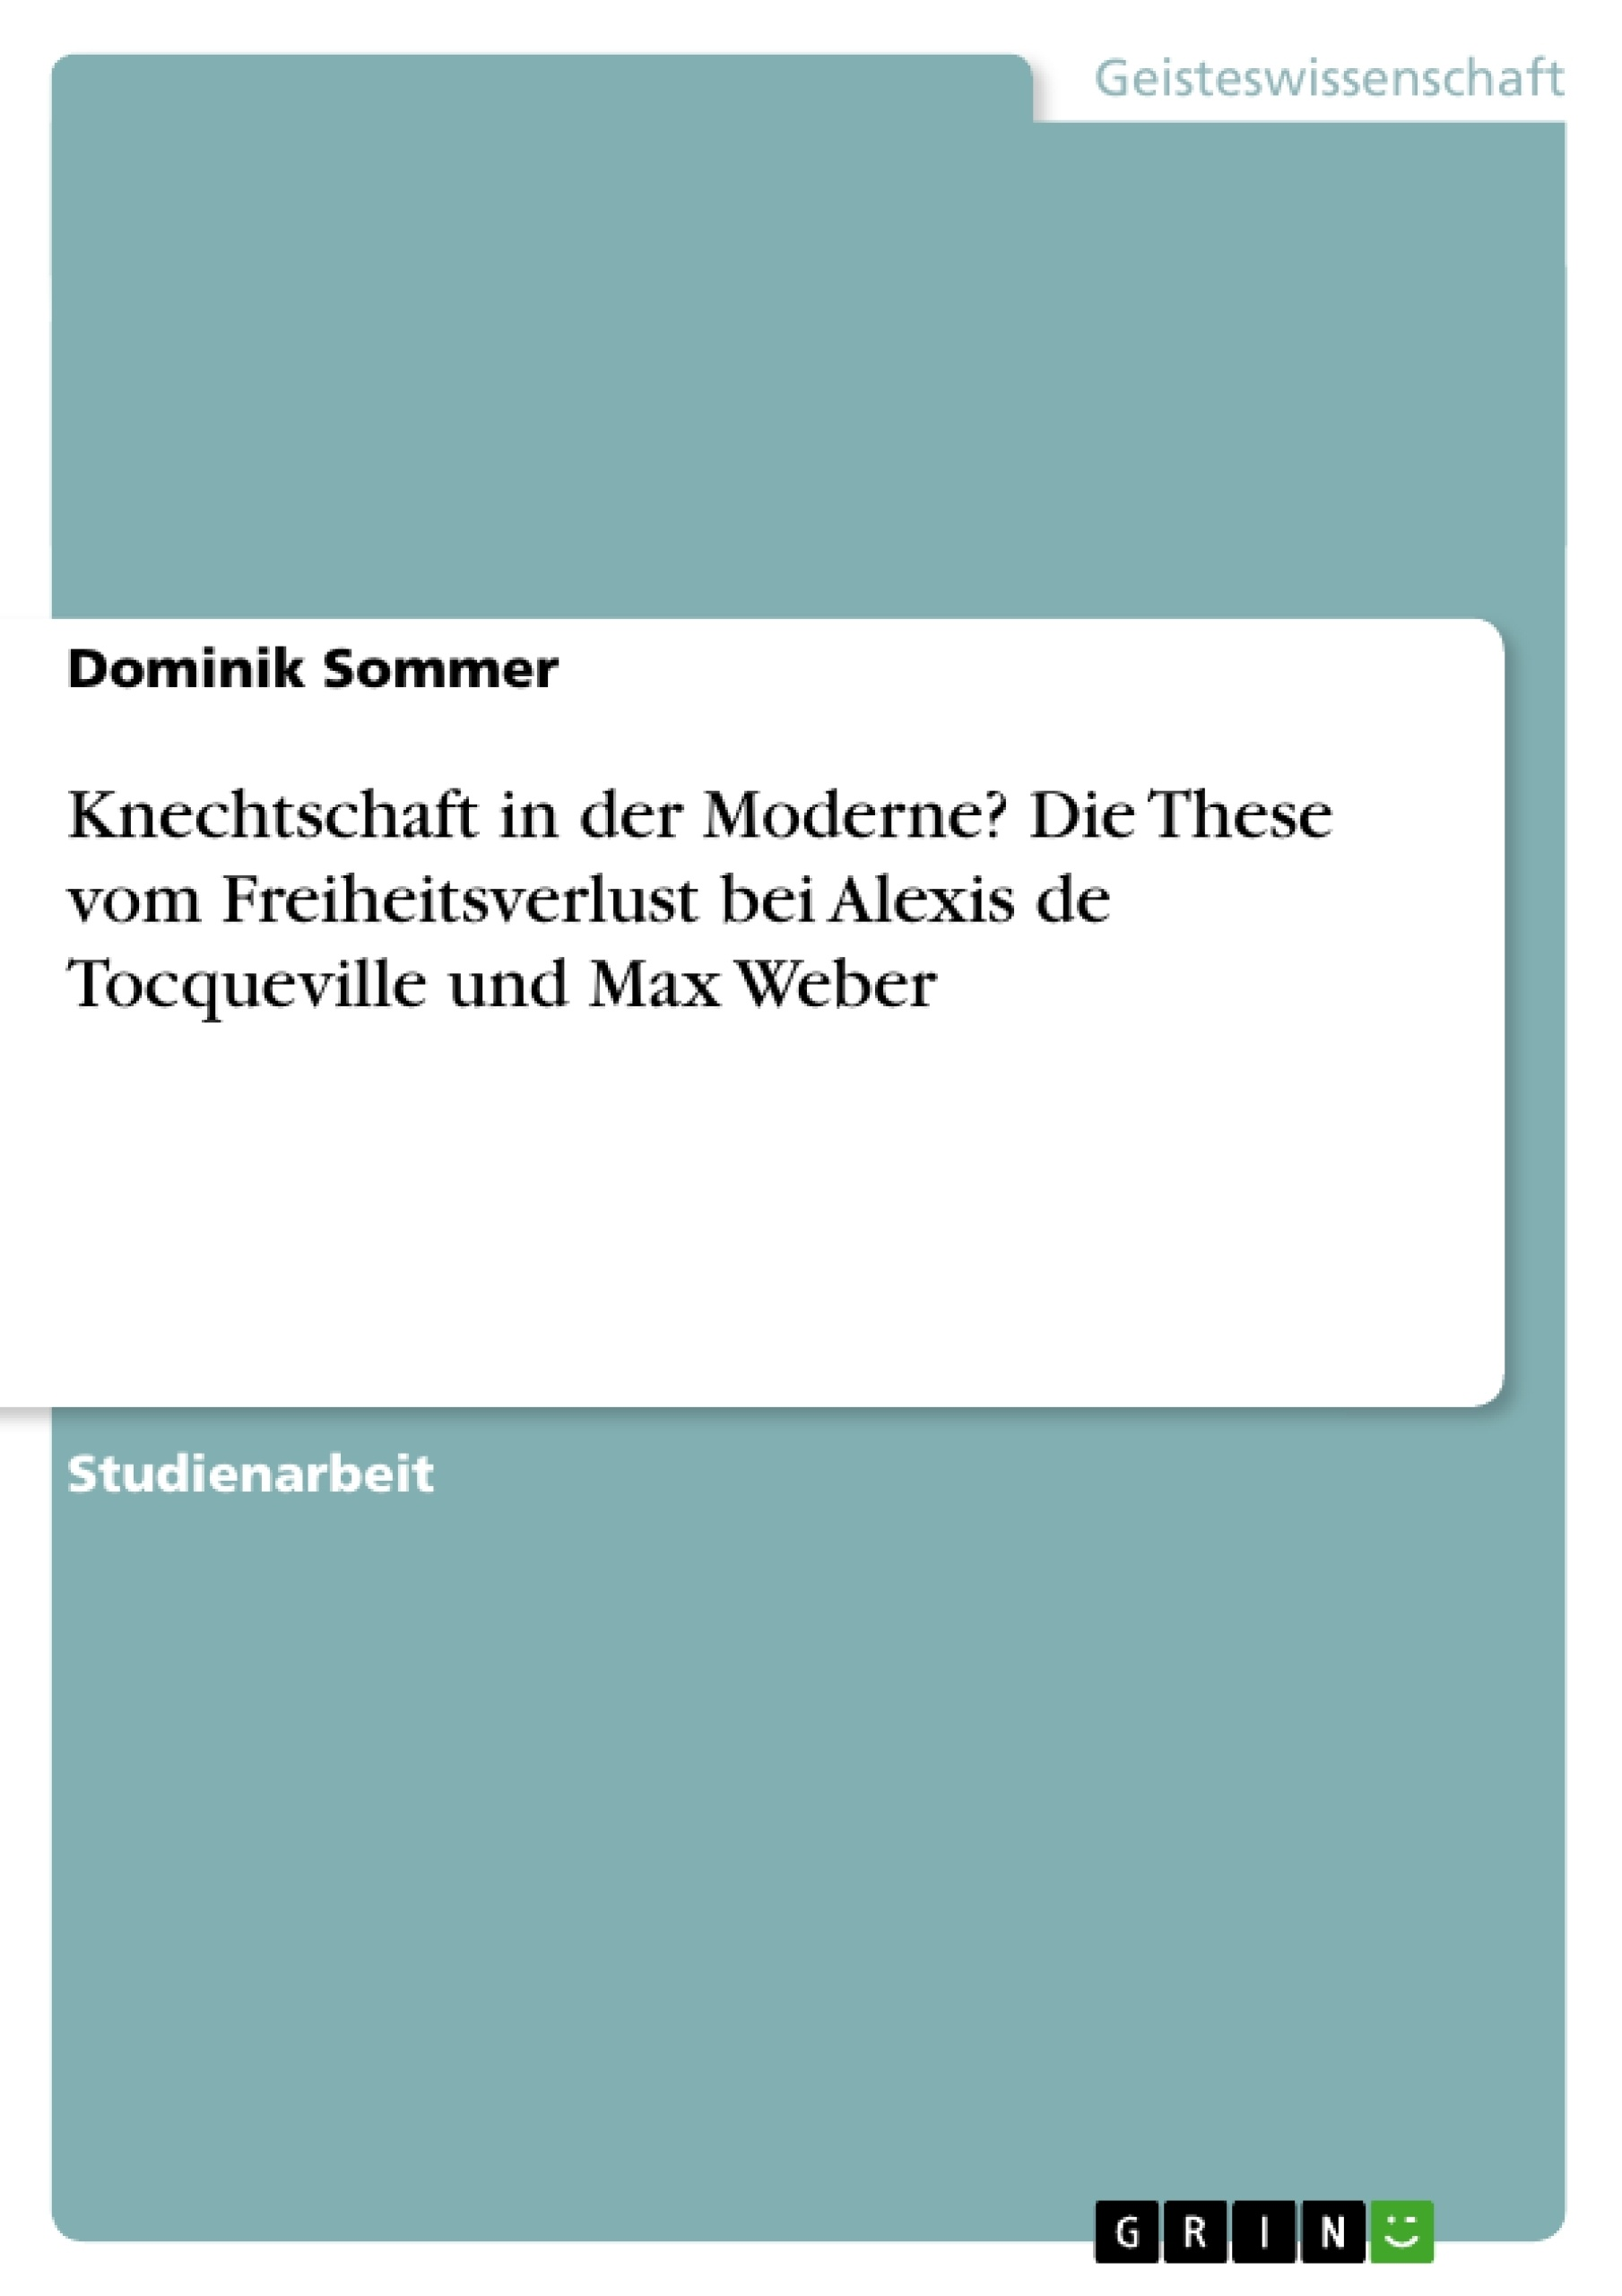 Titel: Knechtschaft in der Moderne? Die These vom Freiheitsverlust bei Alexis de Tocqueville und Max Weber